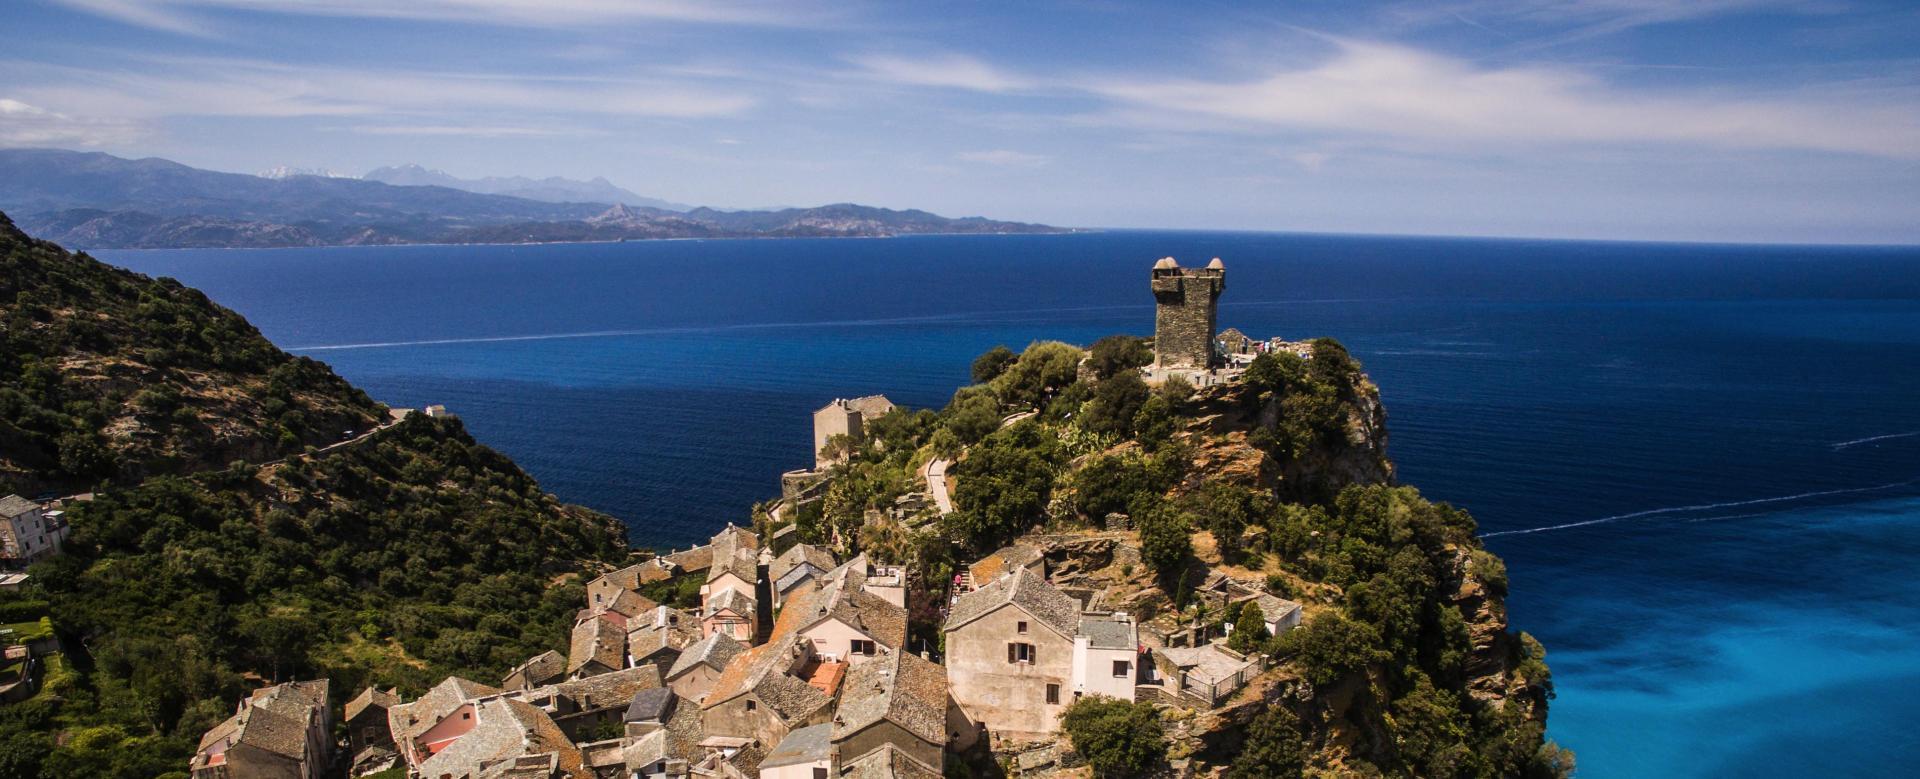 Voyage à pied France : Le cap corse